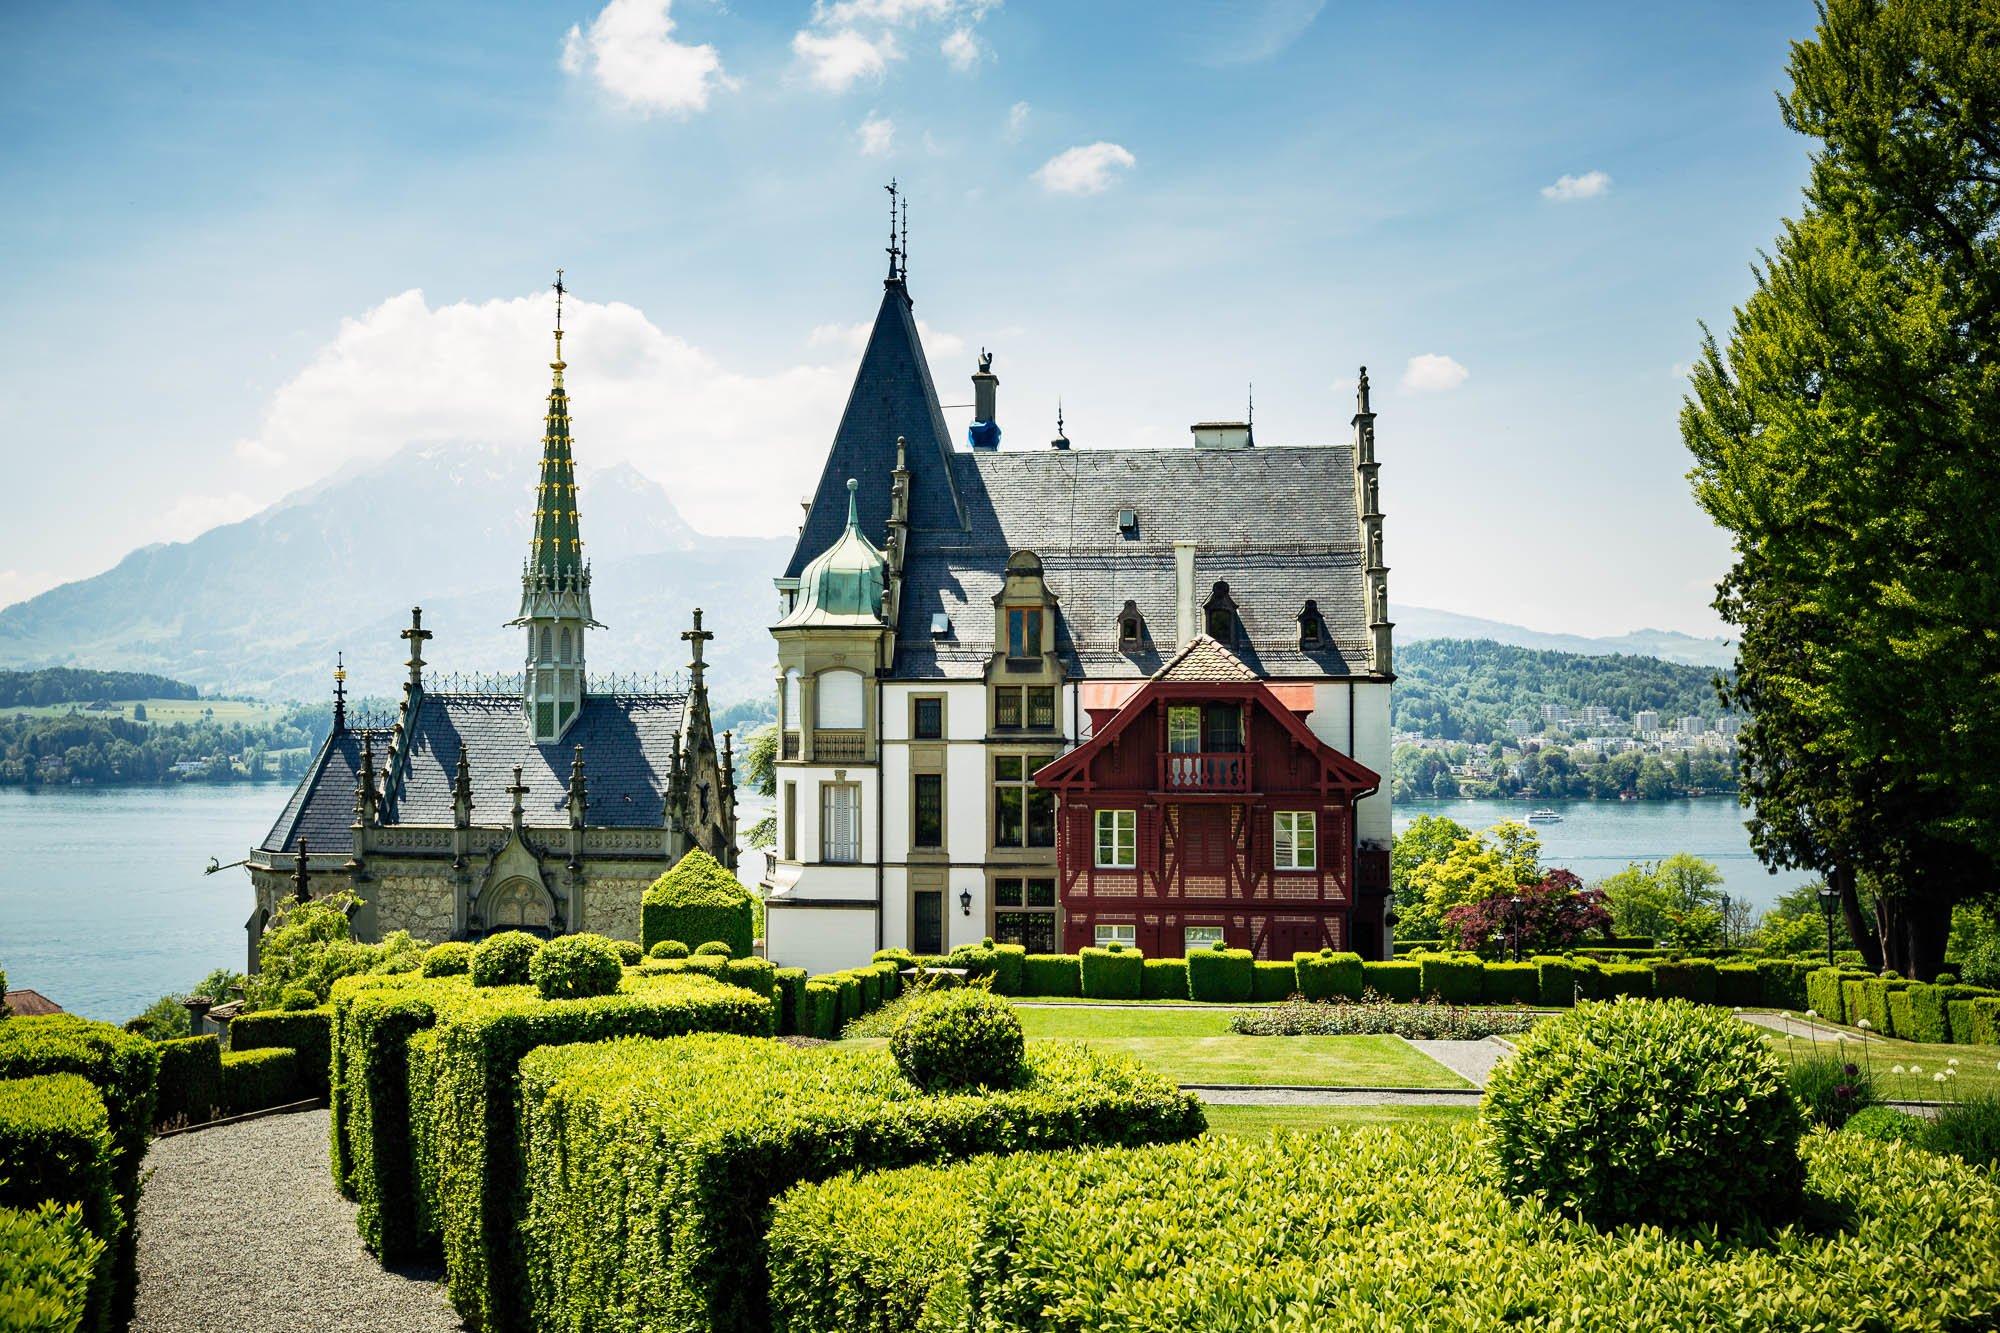 Das Schloss Meggenhorn mit Seesicht und Blick auf Pilatus